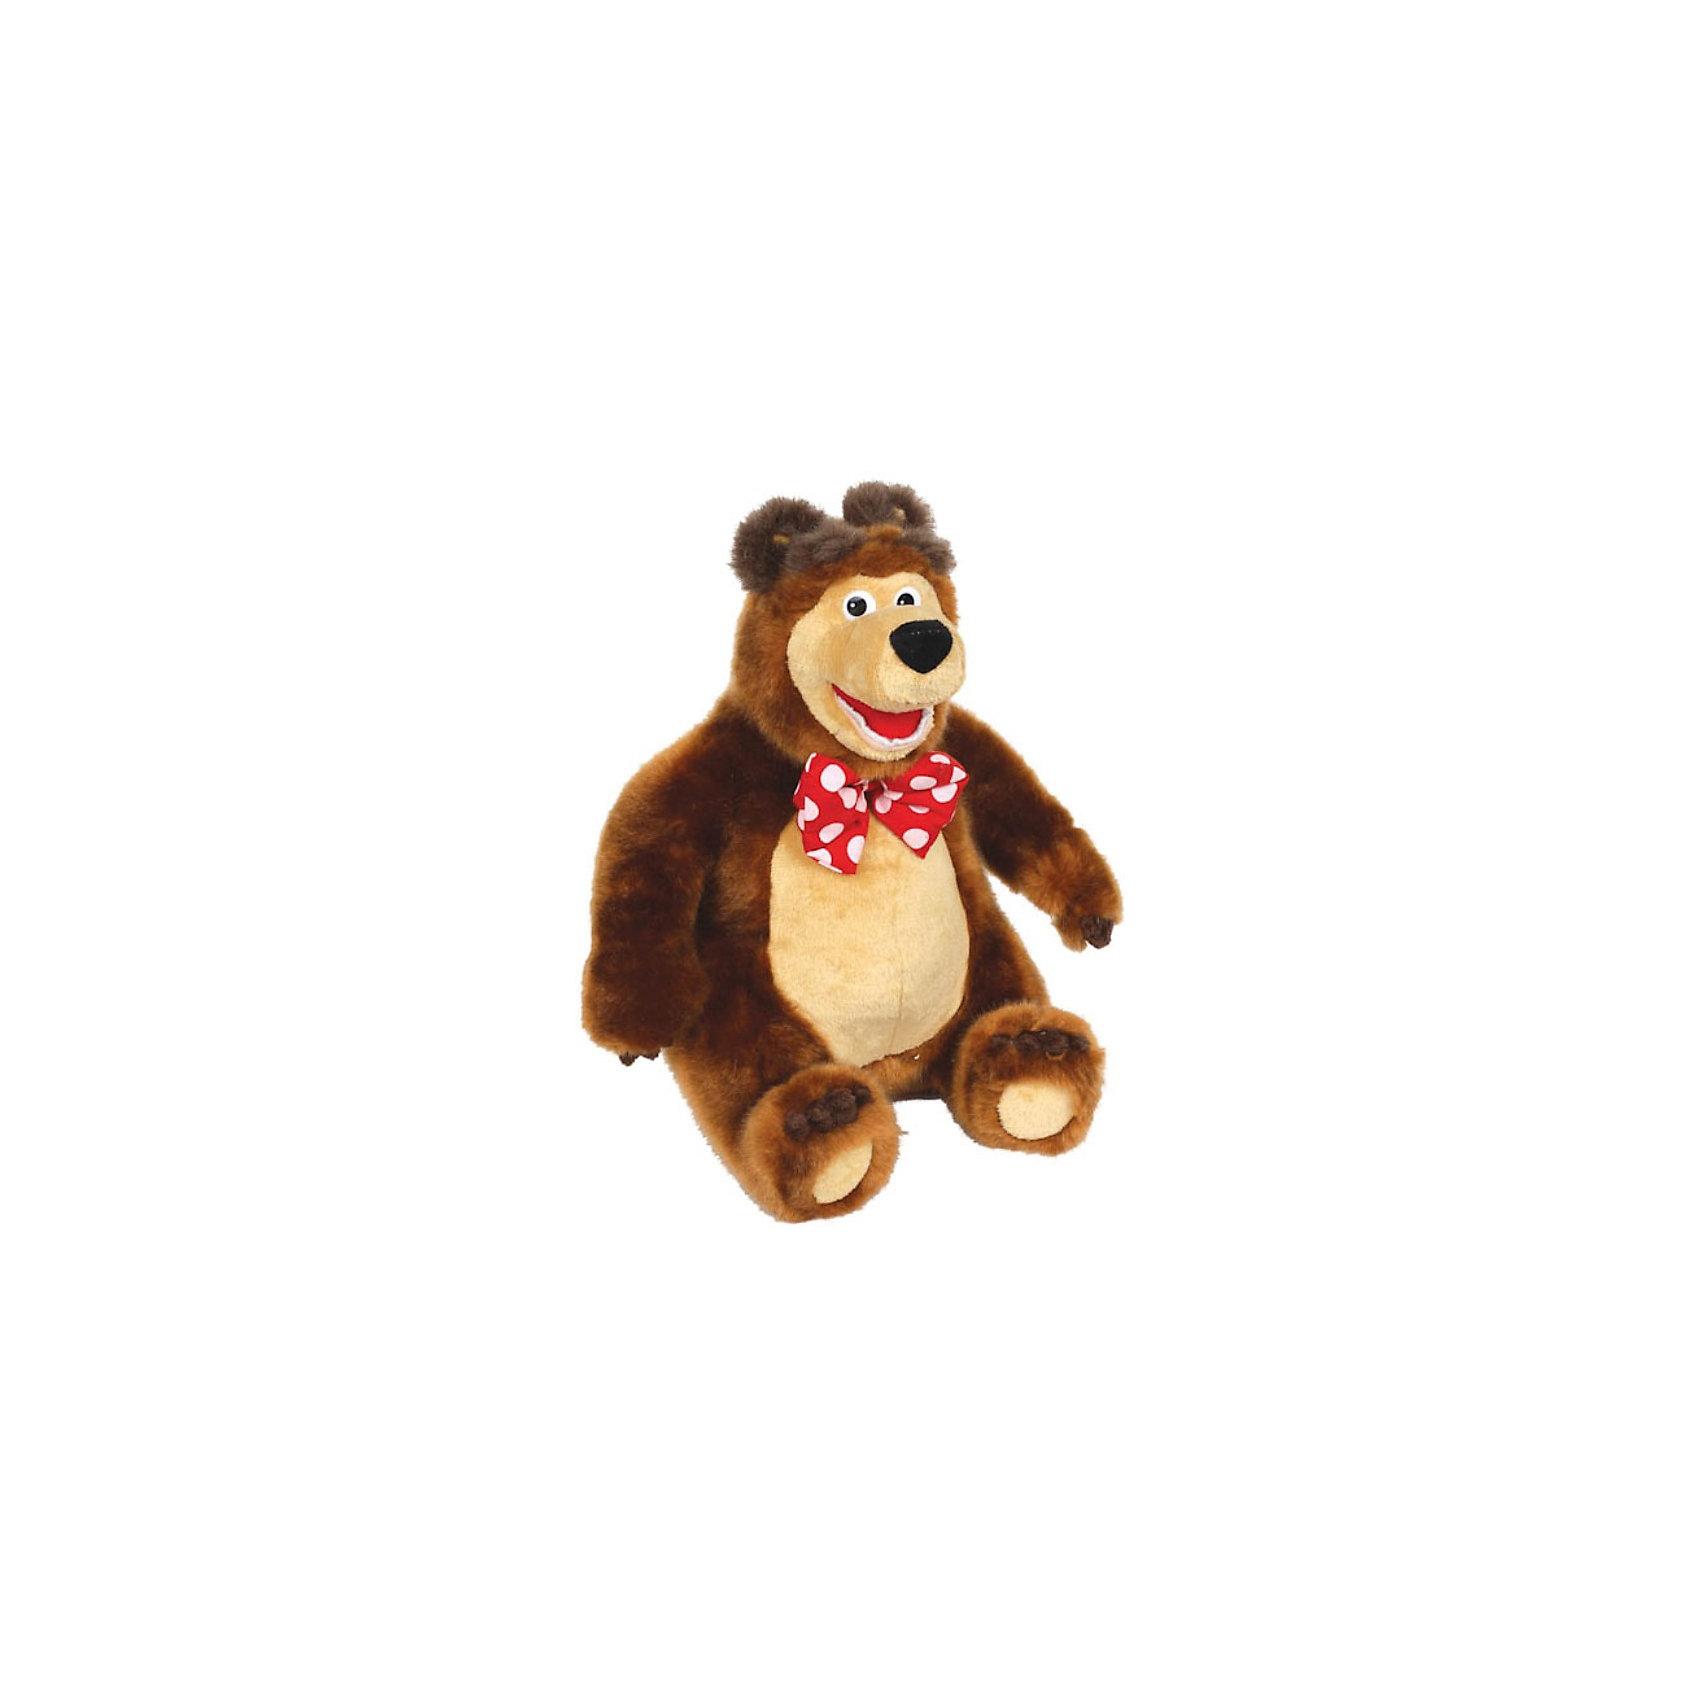 МУЛЬТИ-ПУЛЬТИ Мягкая игрушка Мишка, Маша и Медведь, МУЛЬТИ-ПУЛЬТИ магниты маша и медведь купить игрушку